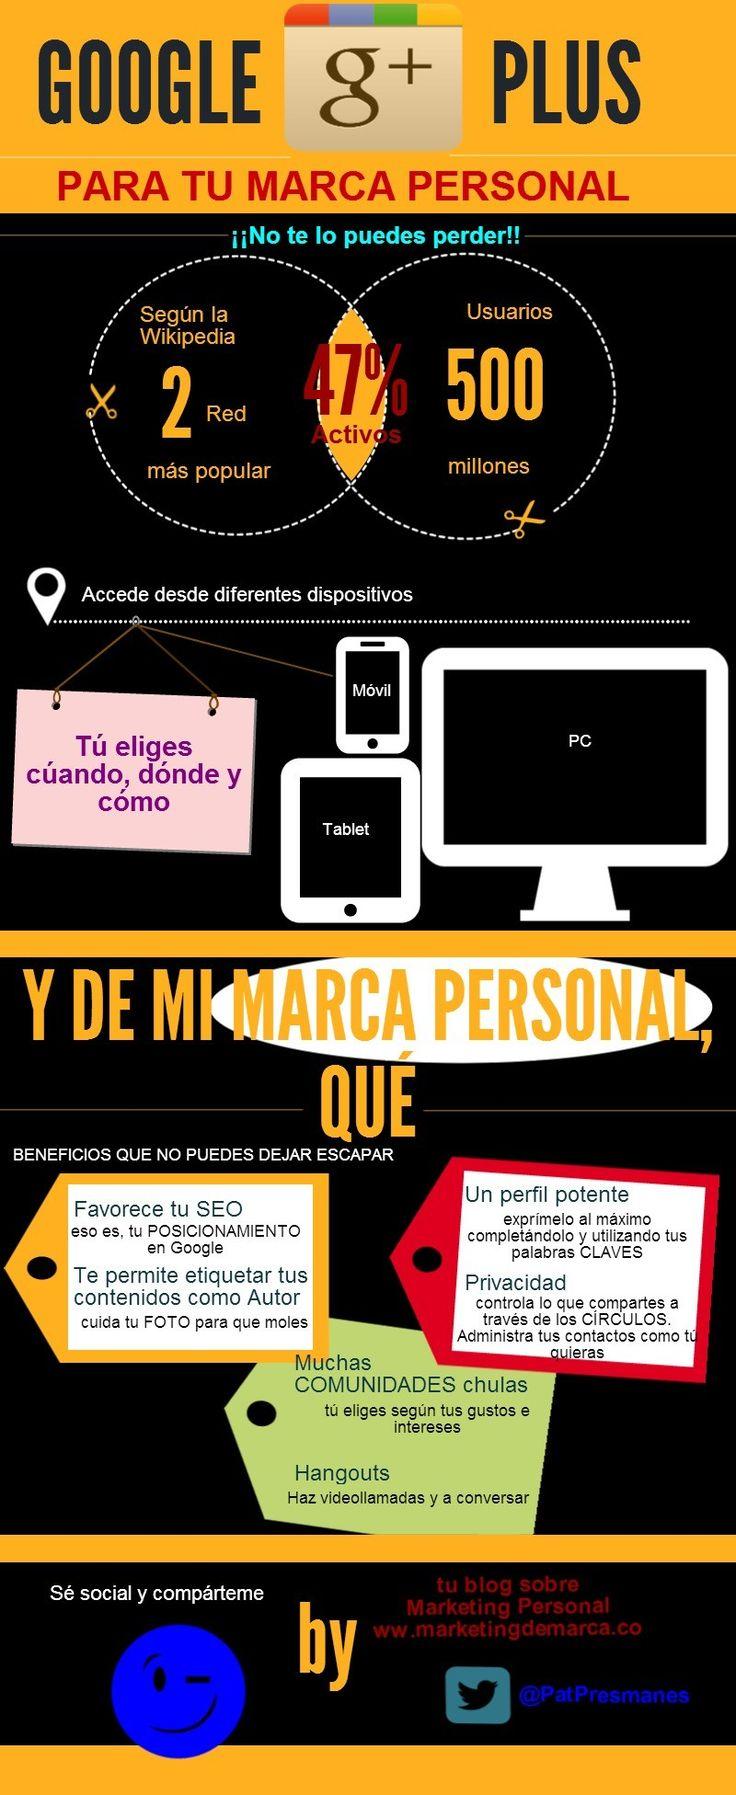 Google + para tu marca personal #infografia